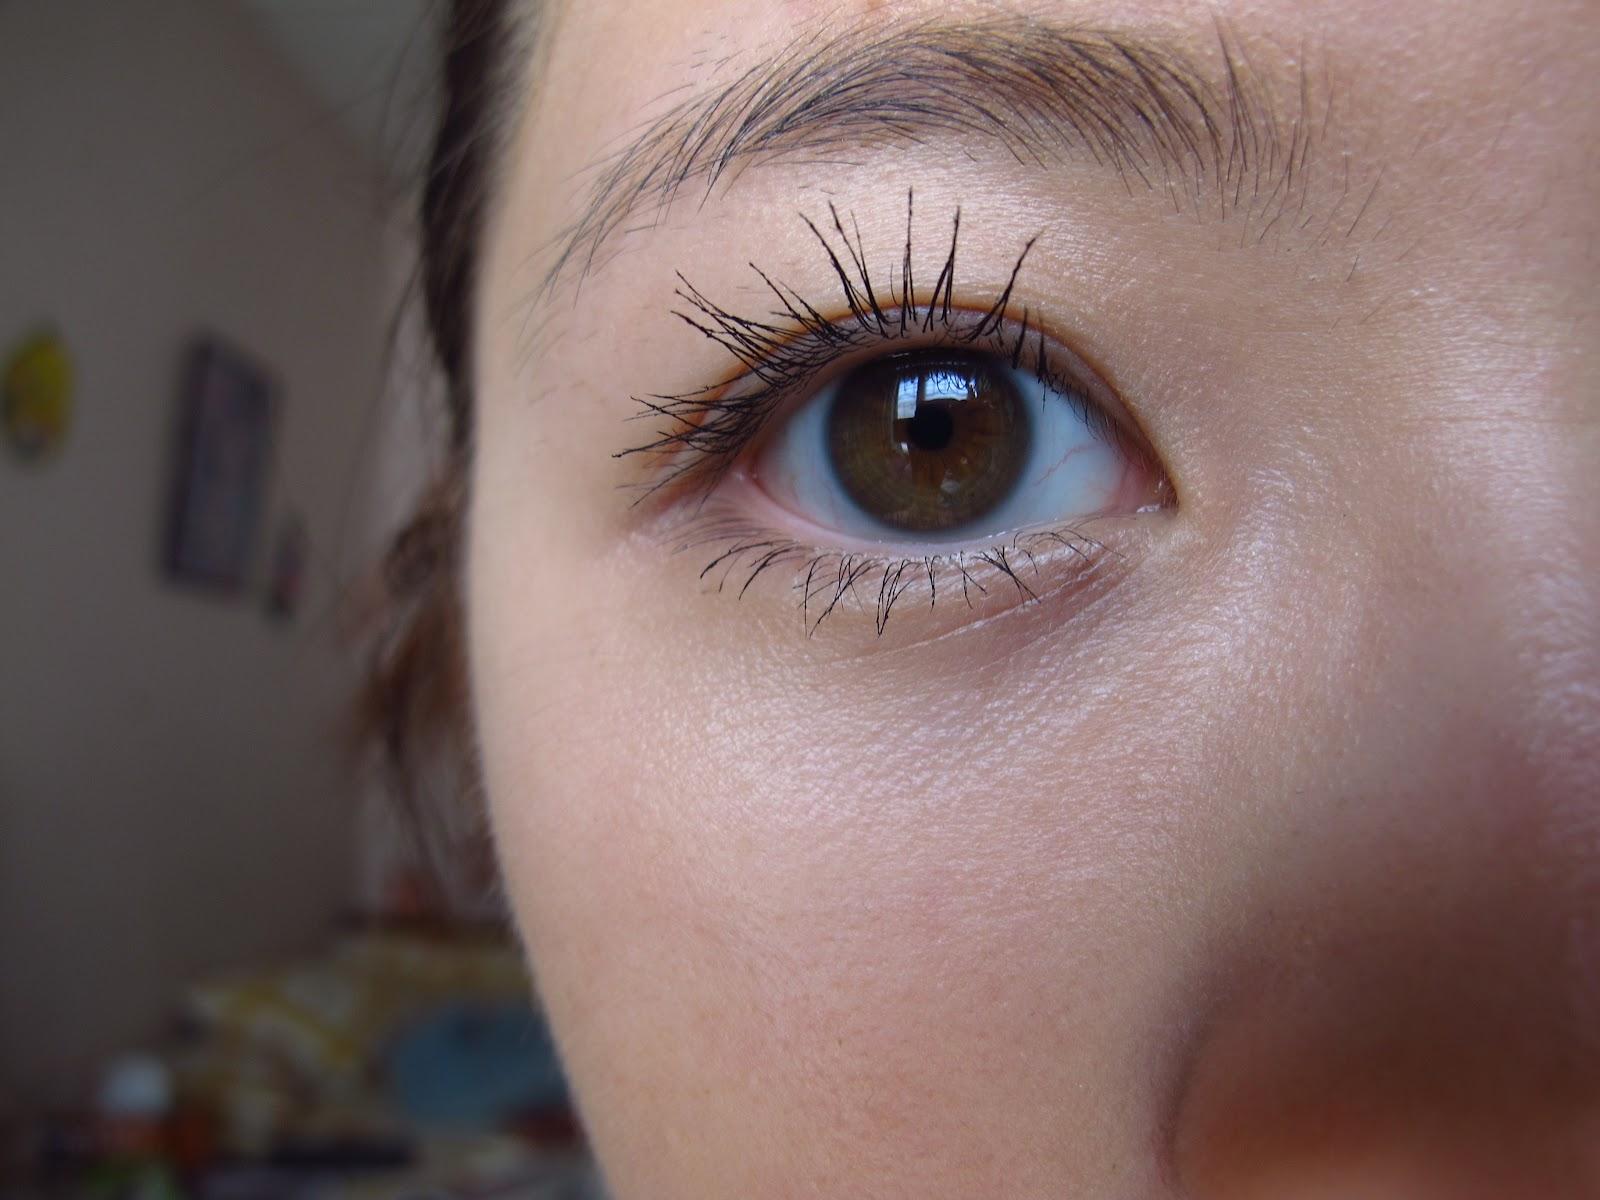 Clinique Under Eye Mascara image